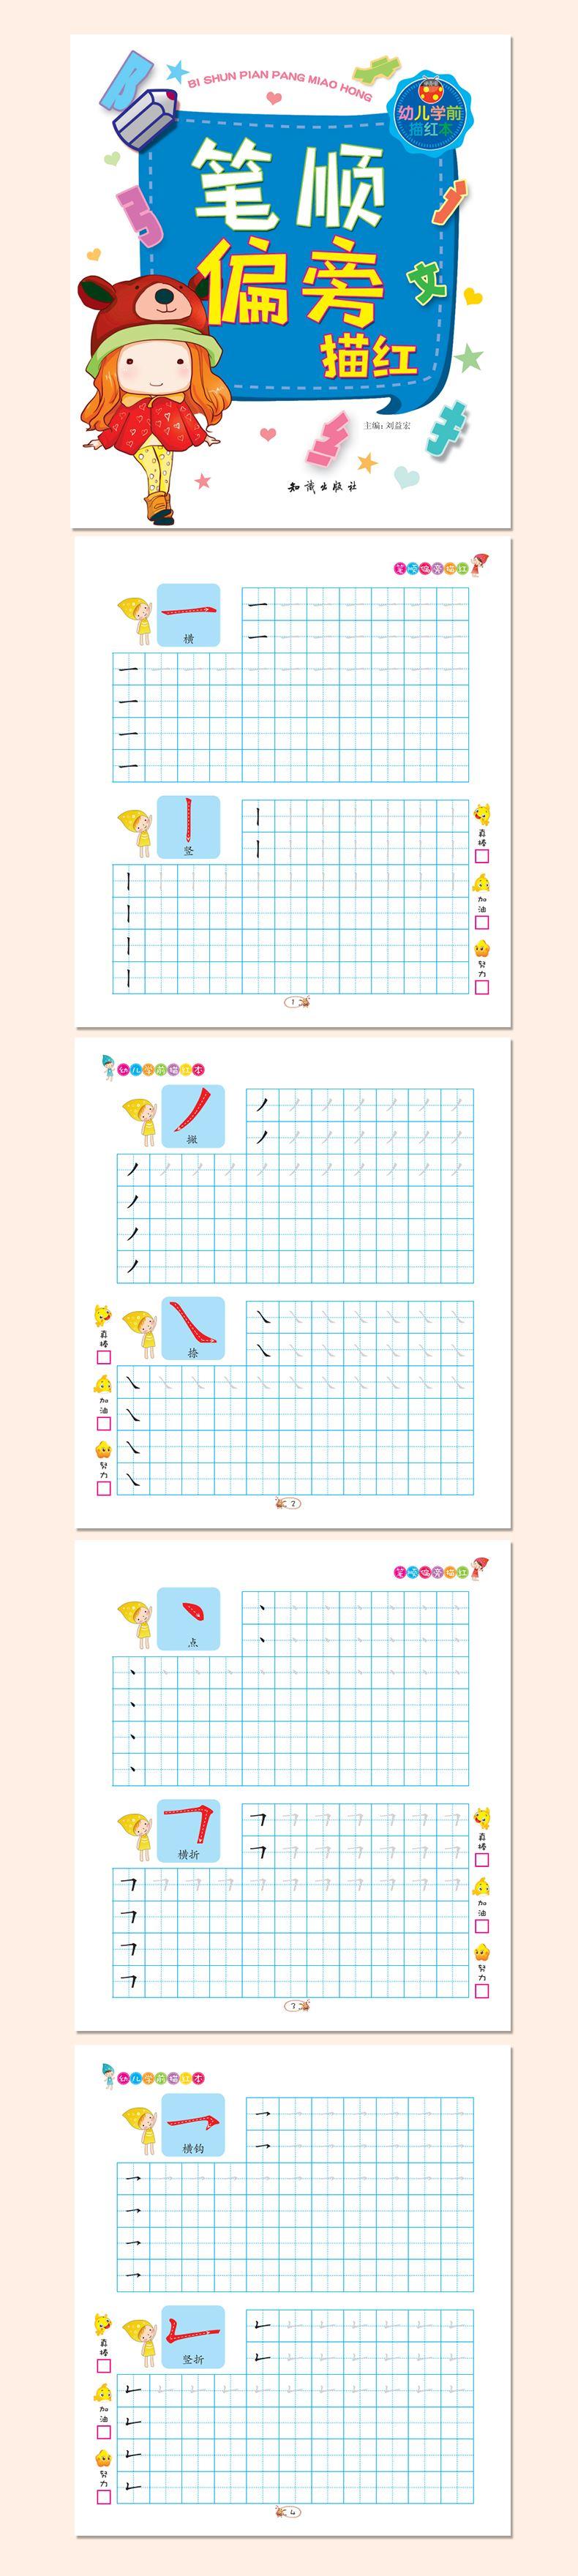 幼儿童学前描红本幼儿园宝宝算术拼音识字数字练习册2-6岁全12册